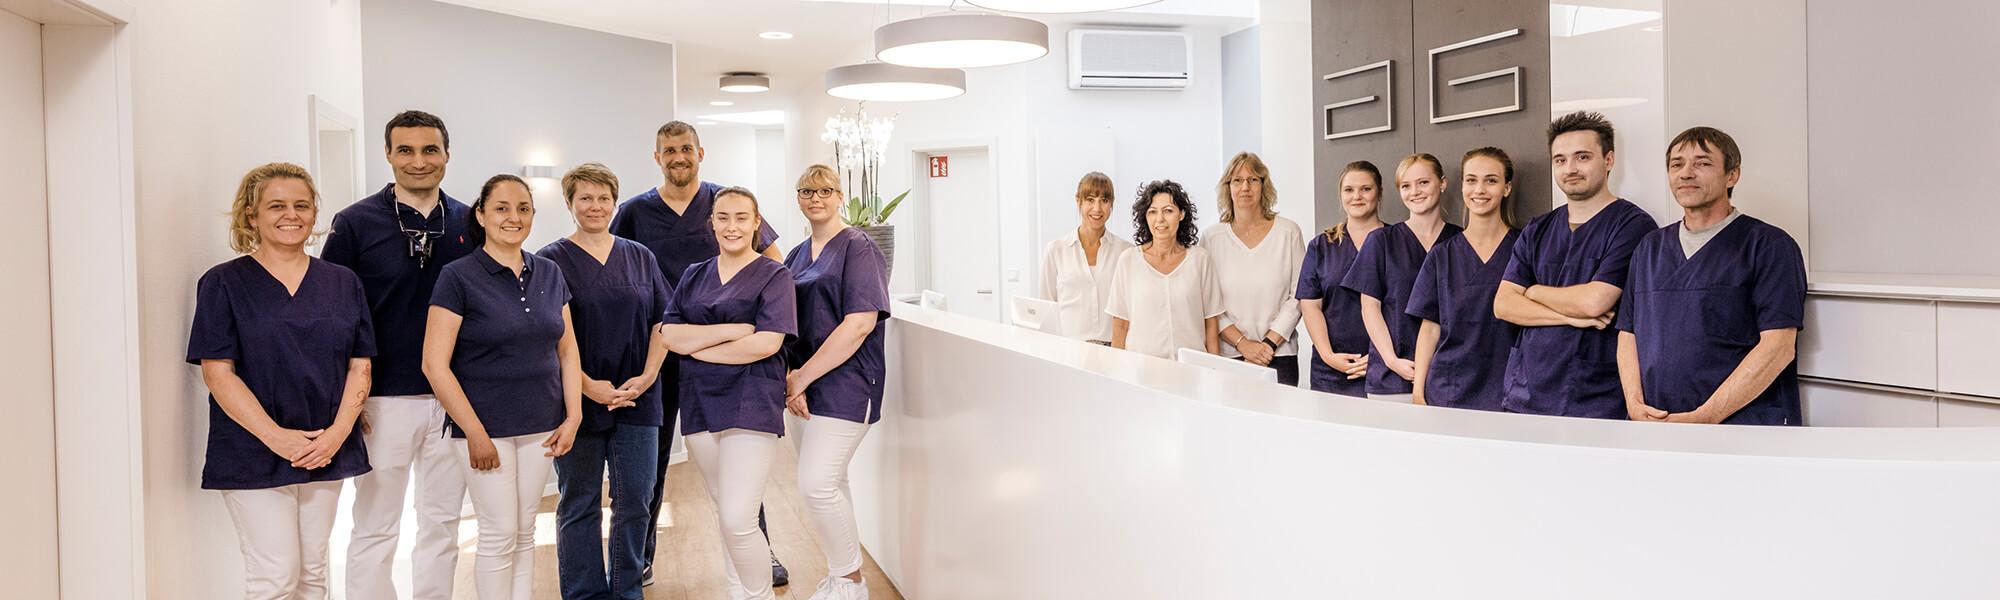 Zahnarzt Viersen - Guen - Team Slider